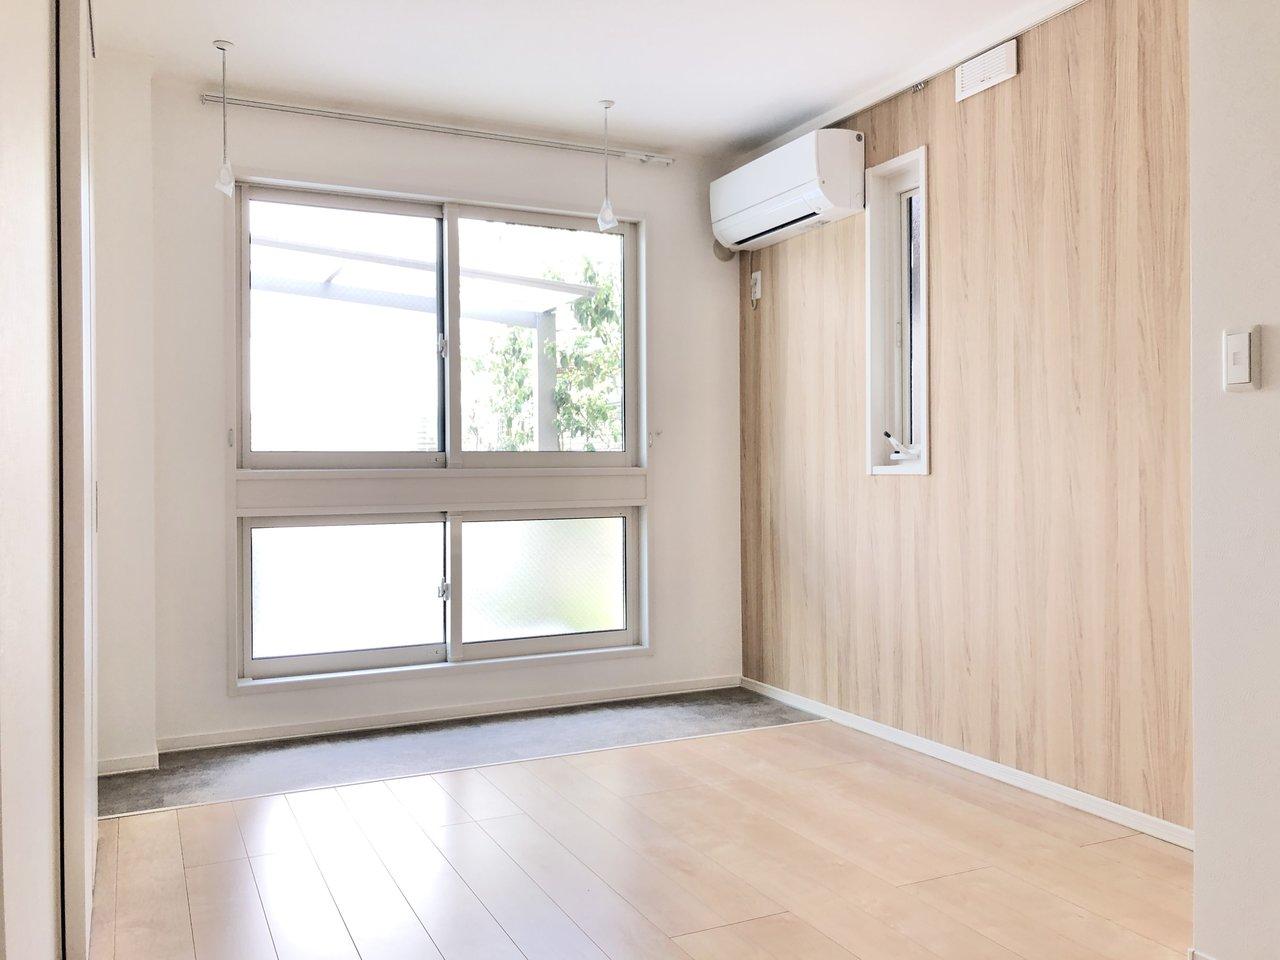 リビング窓側のルームコートはエアコンがそばにあり、部屋干しでも乾くのが早そう。